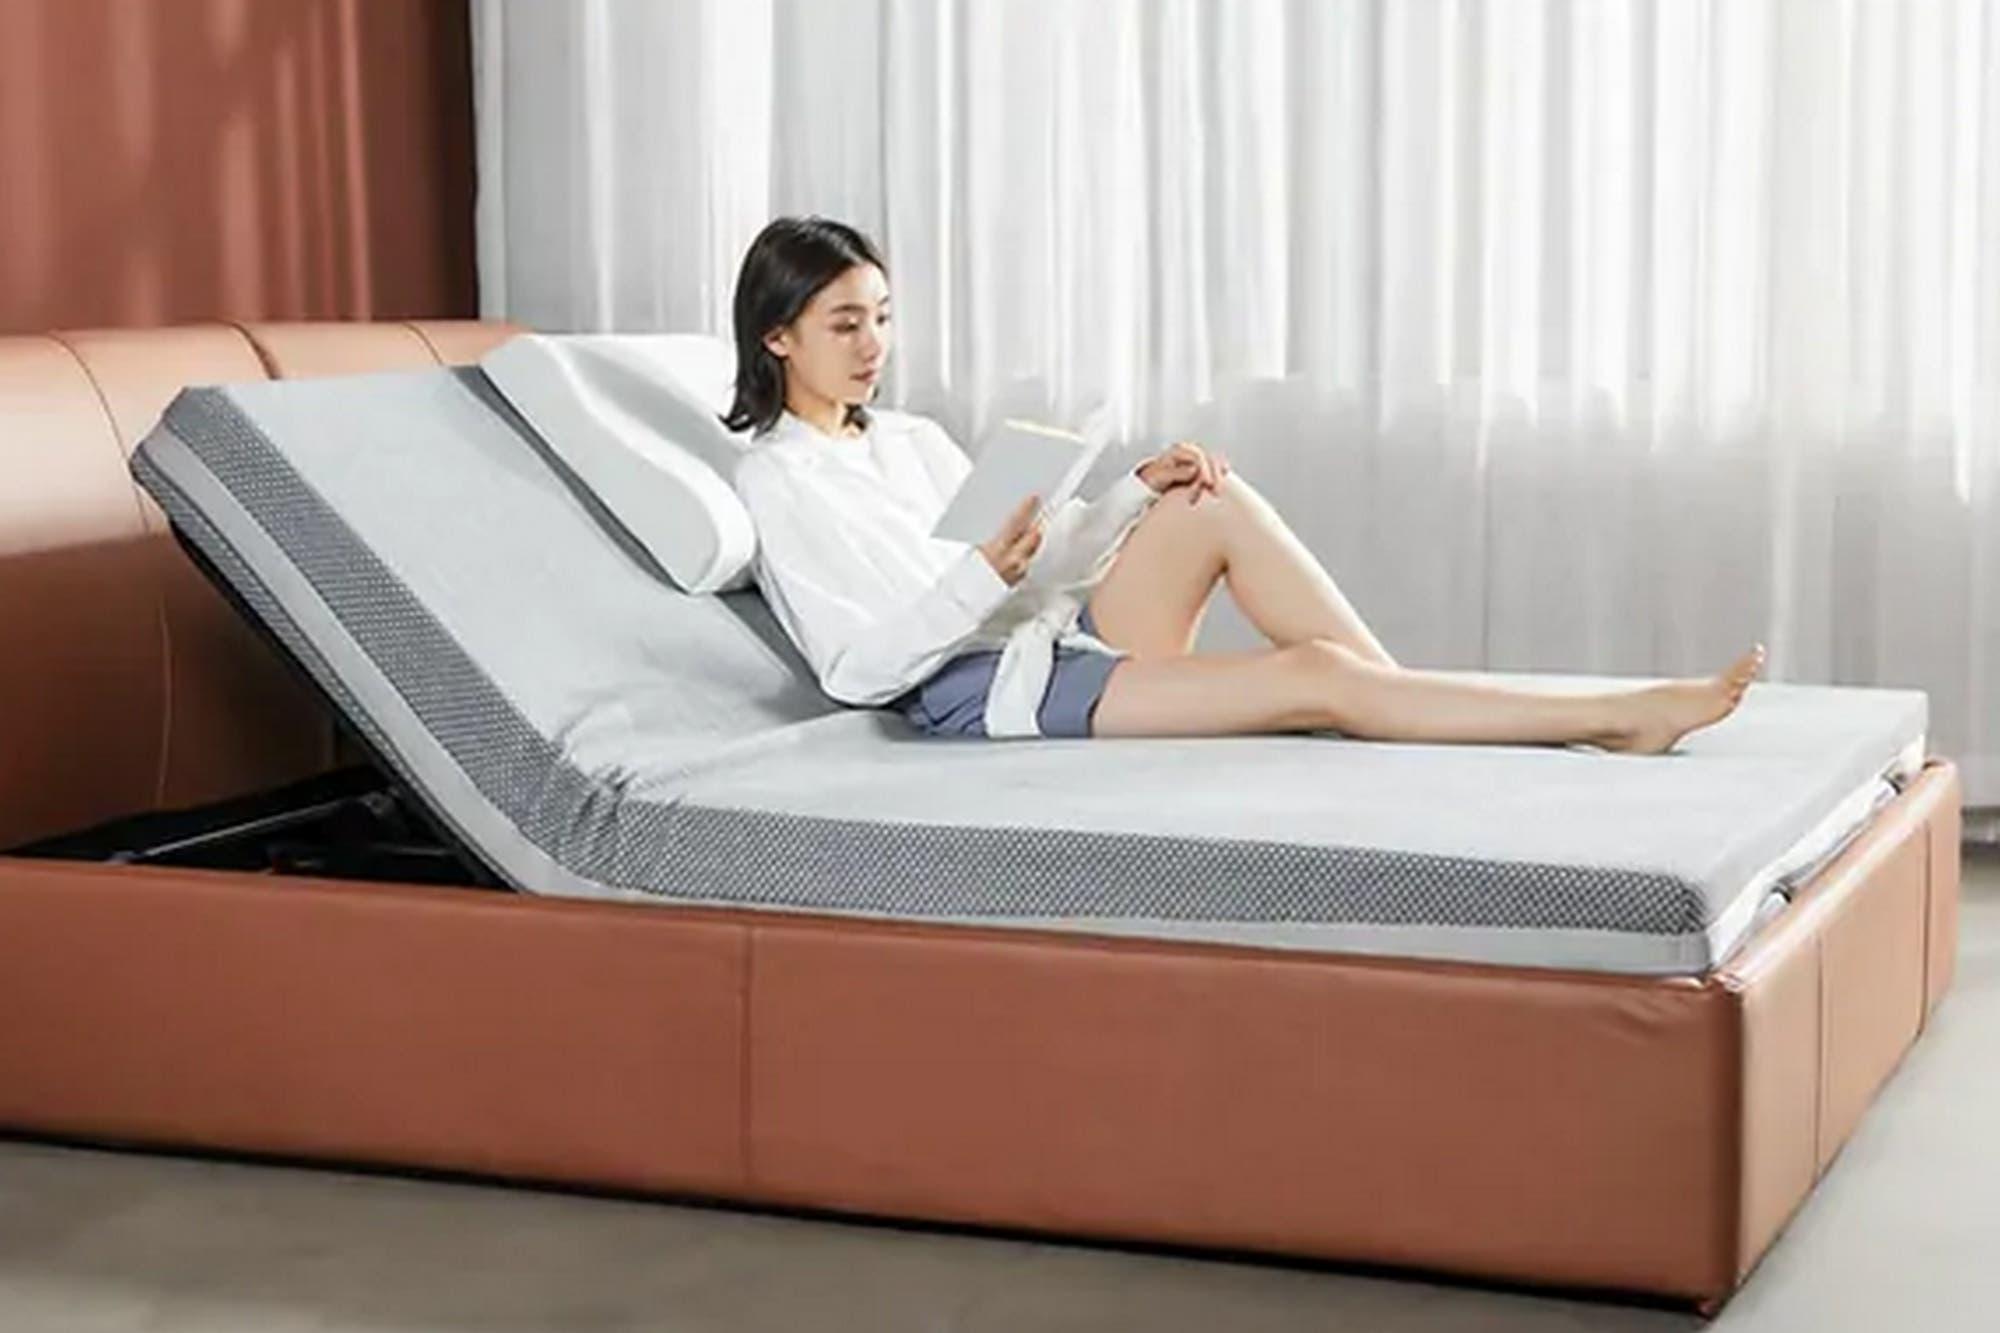 8H Milan: esta es la cama inteligente de Xiaomi con un modo anti ronquidos